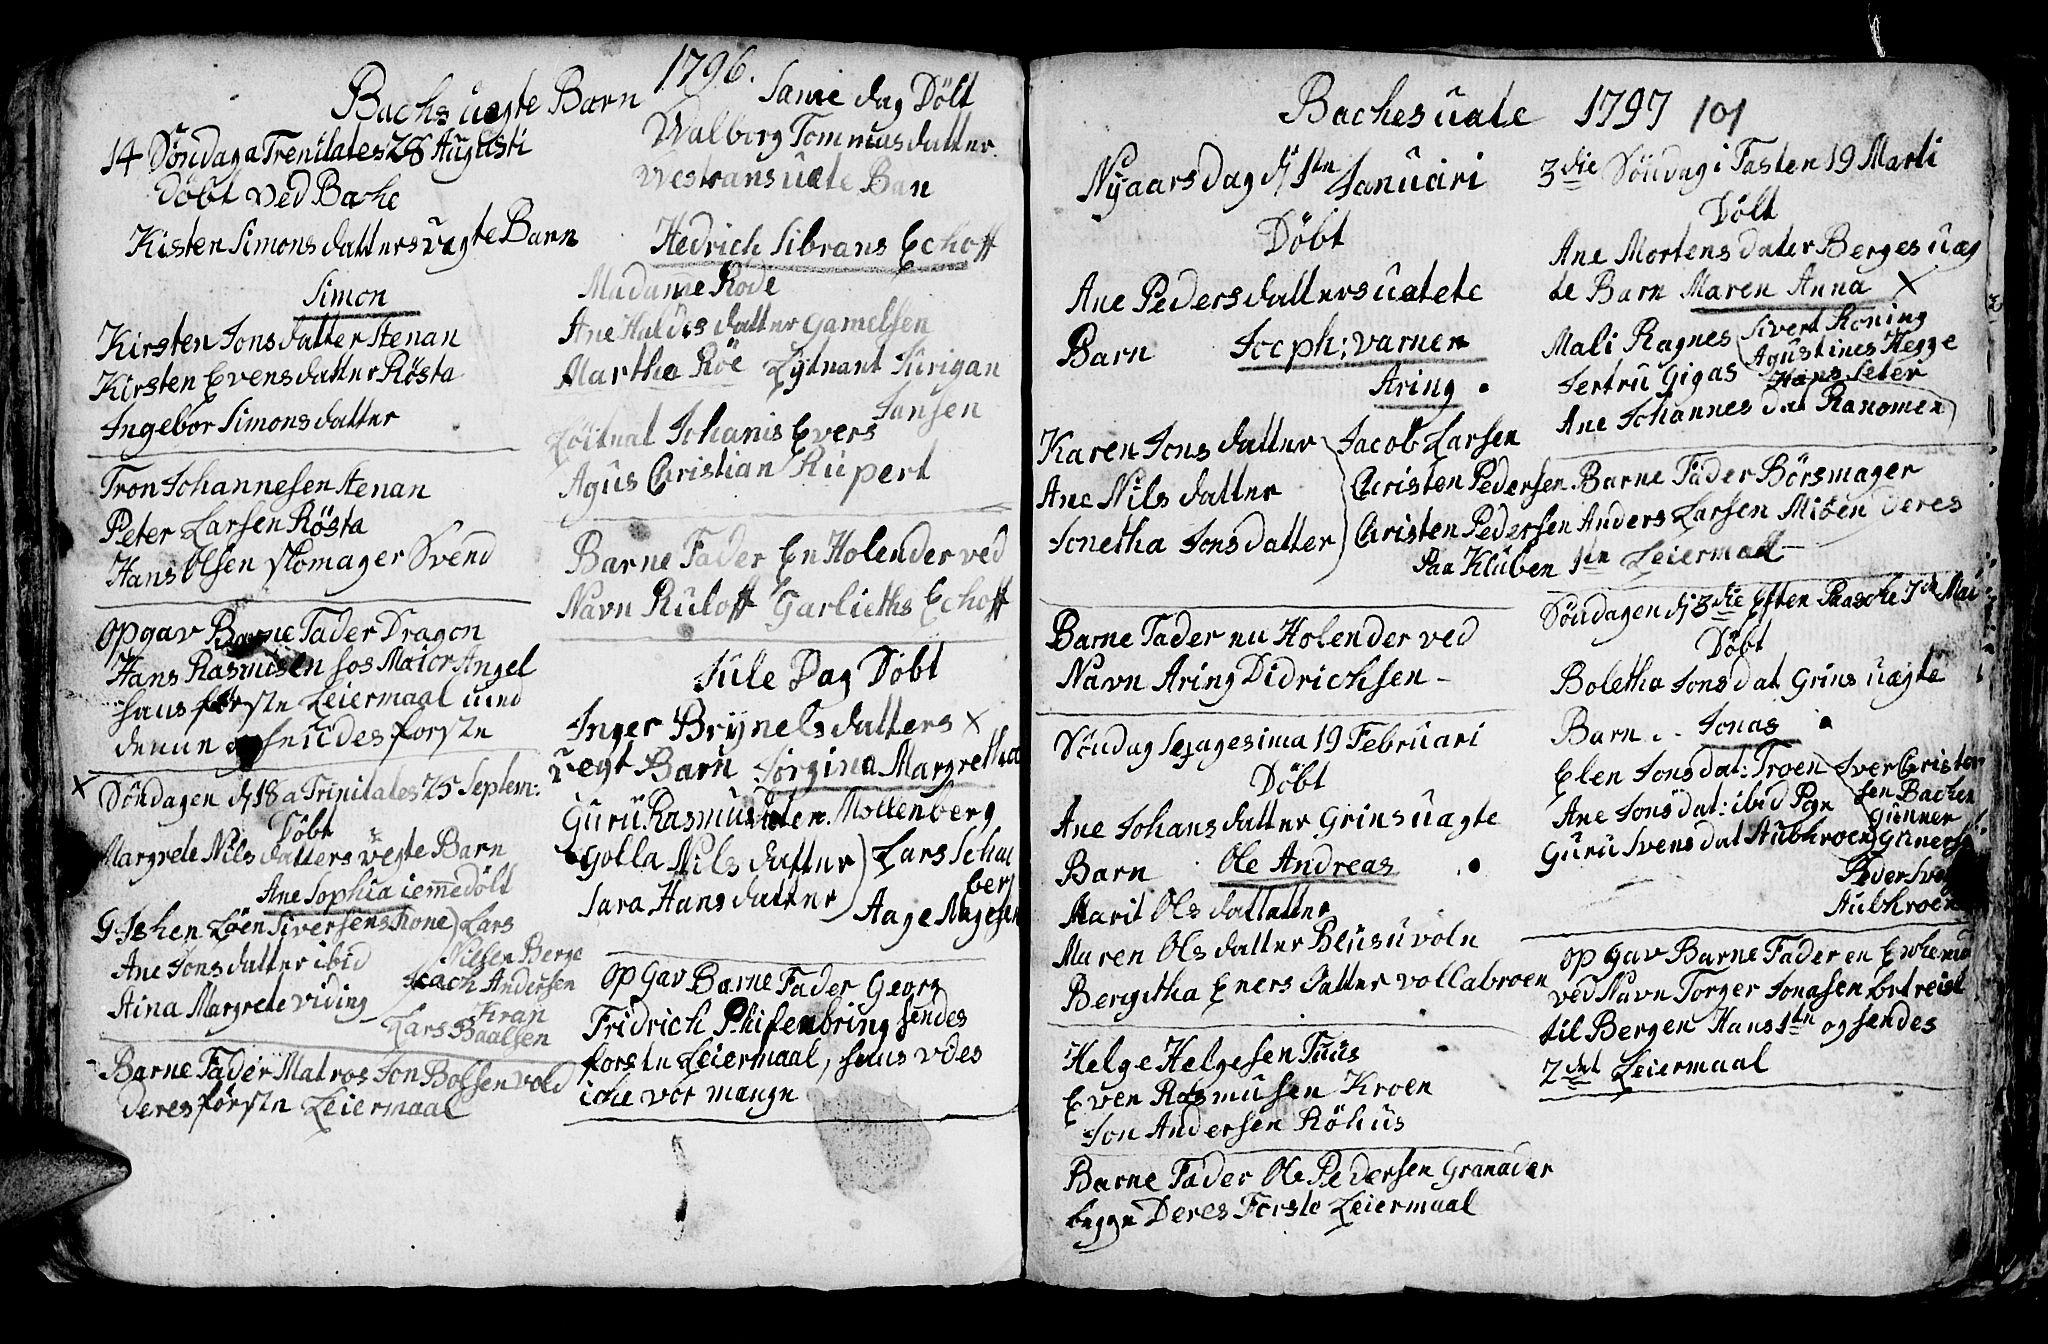 SAT, Ministerialprotokoller, klokkerbøker og fødselsregistre - Sør-Trøndelag, 604/L0218: Klokkerbok nr. 604C01, 1754-1819, s. 101